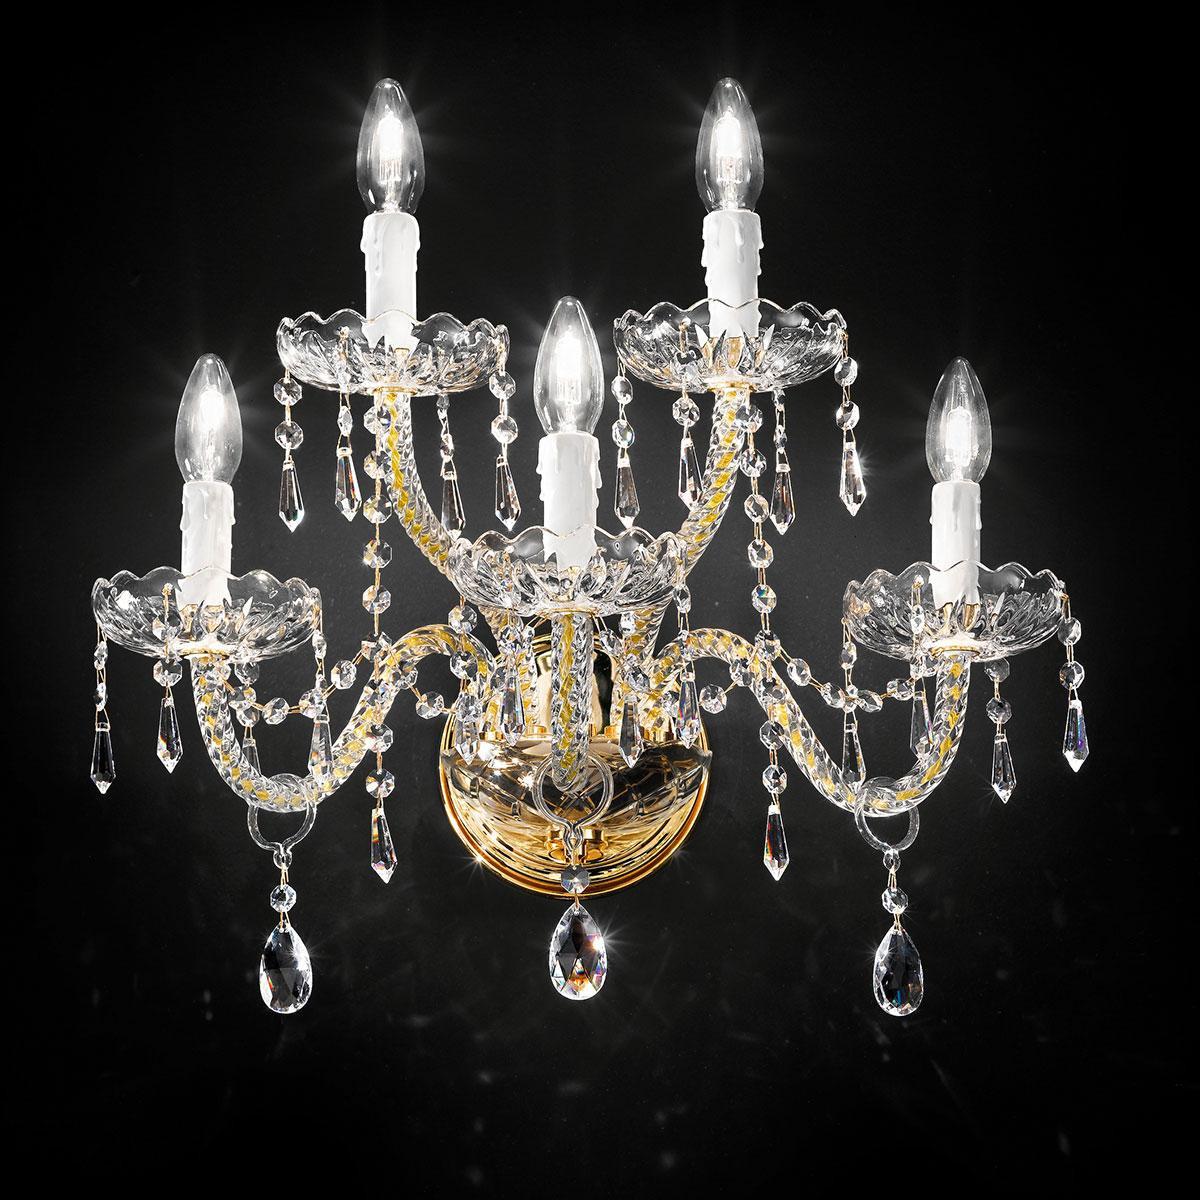 """""""Signorini"""" aplique veneciano de pared en cristal - 3+2 luces - transparente con cristal Asfour"""